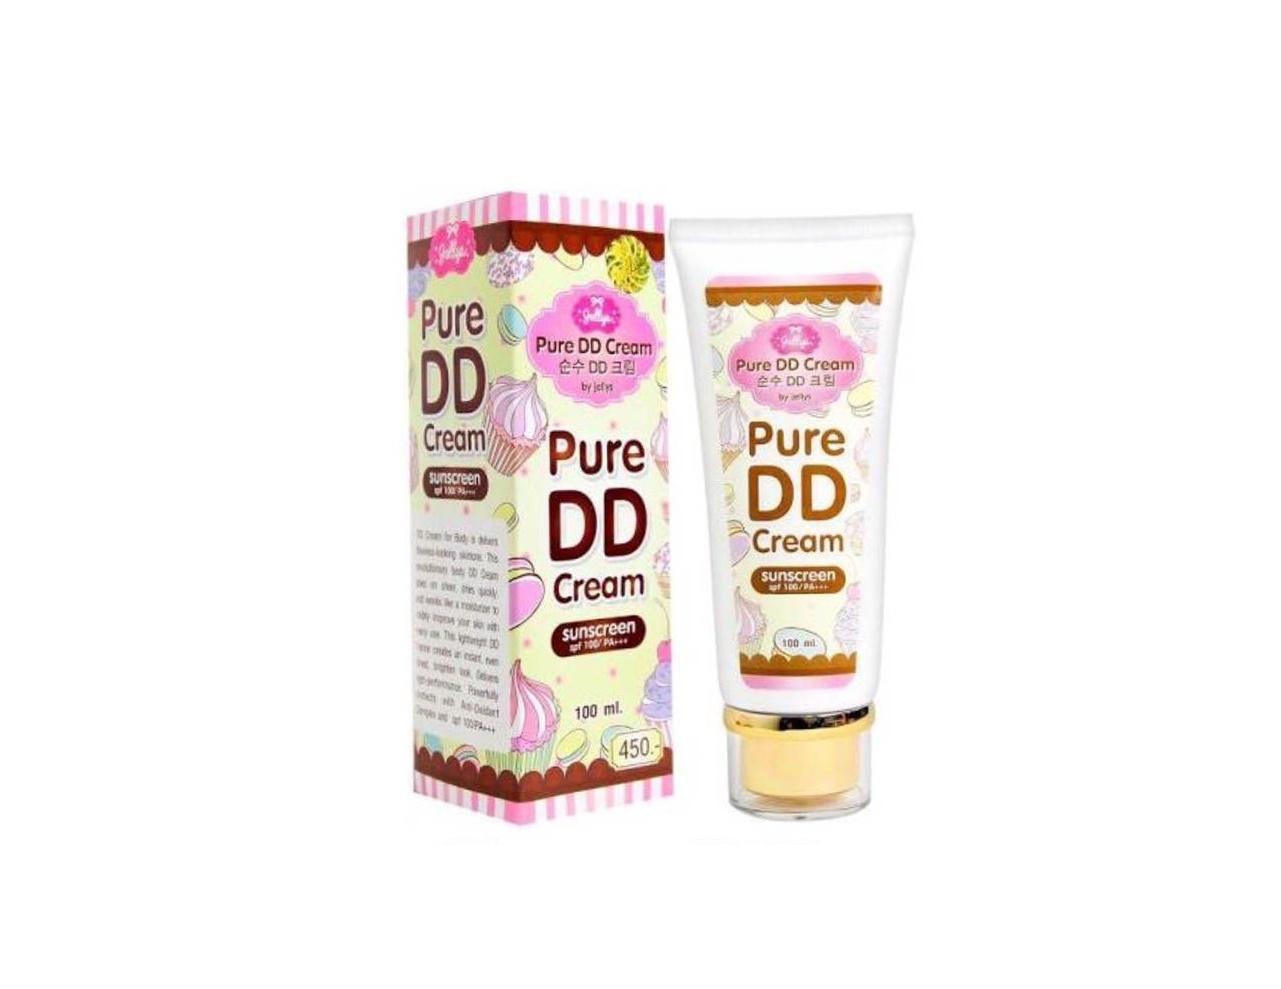 Pure DD Cream